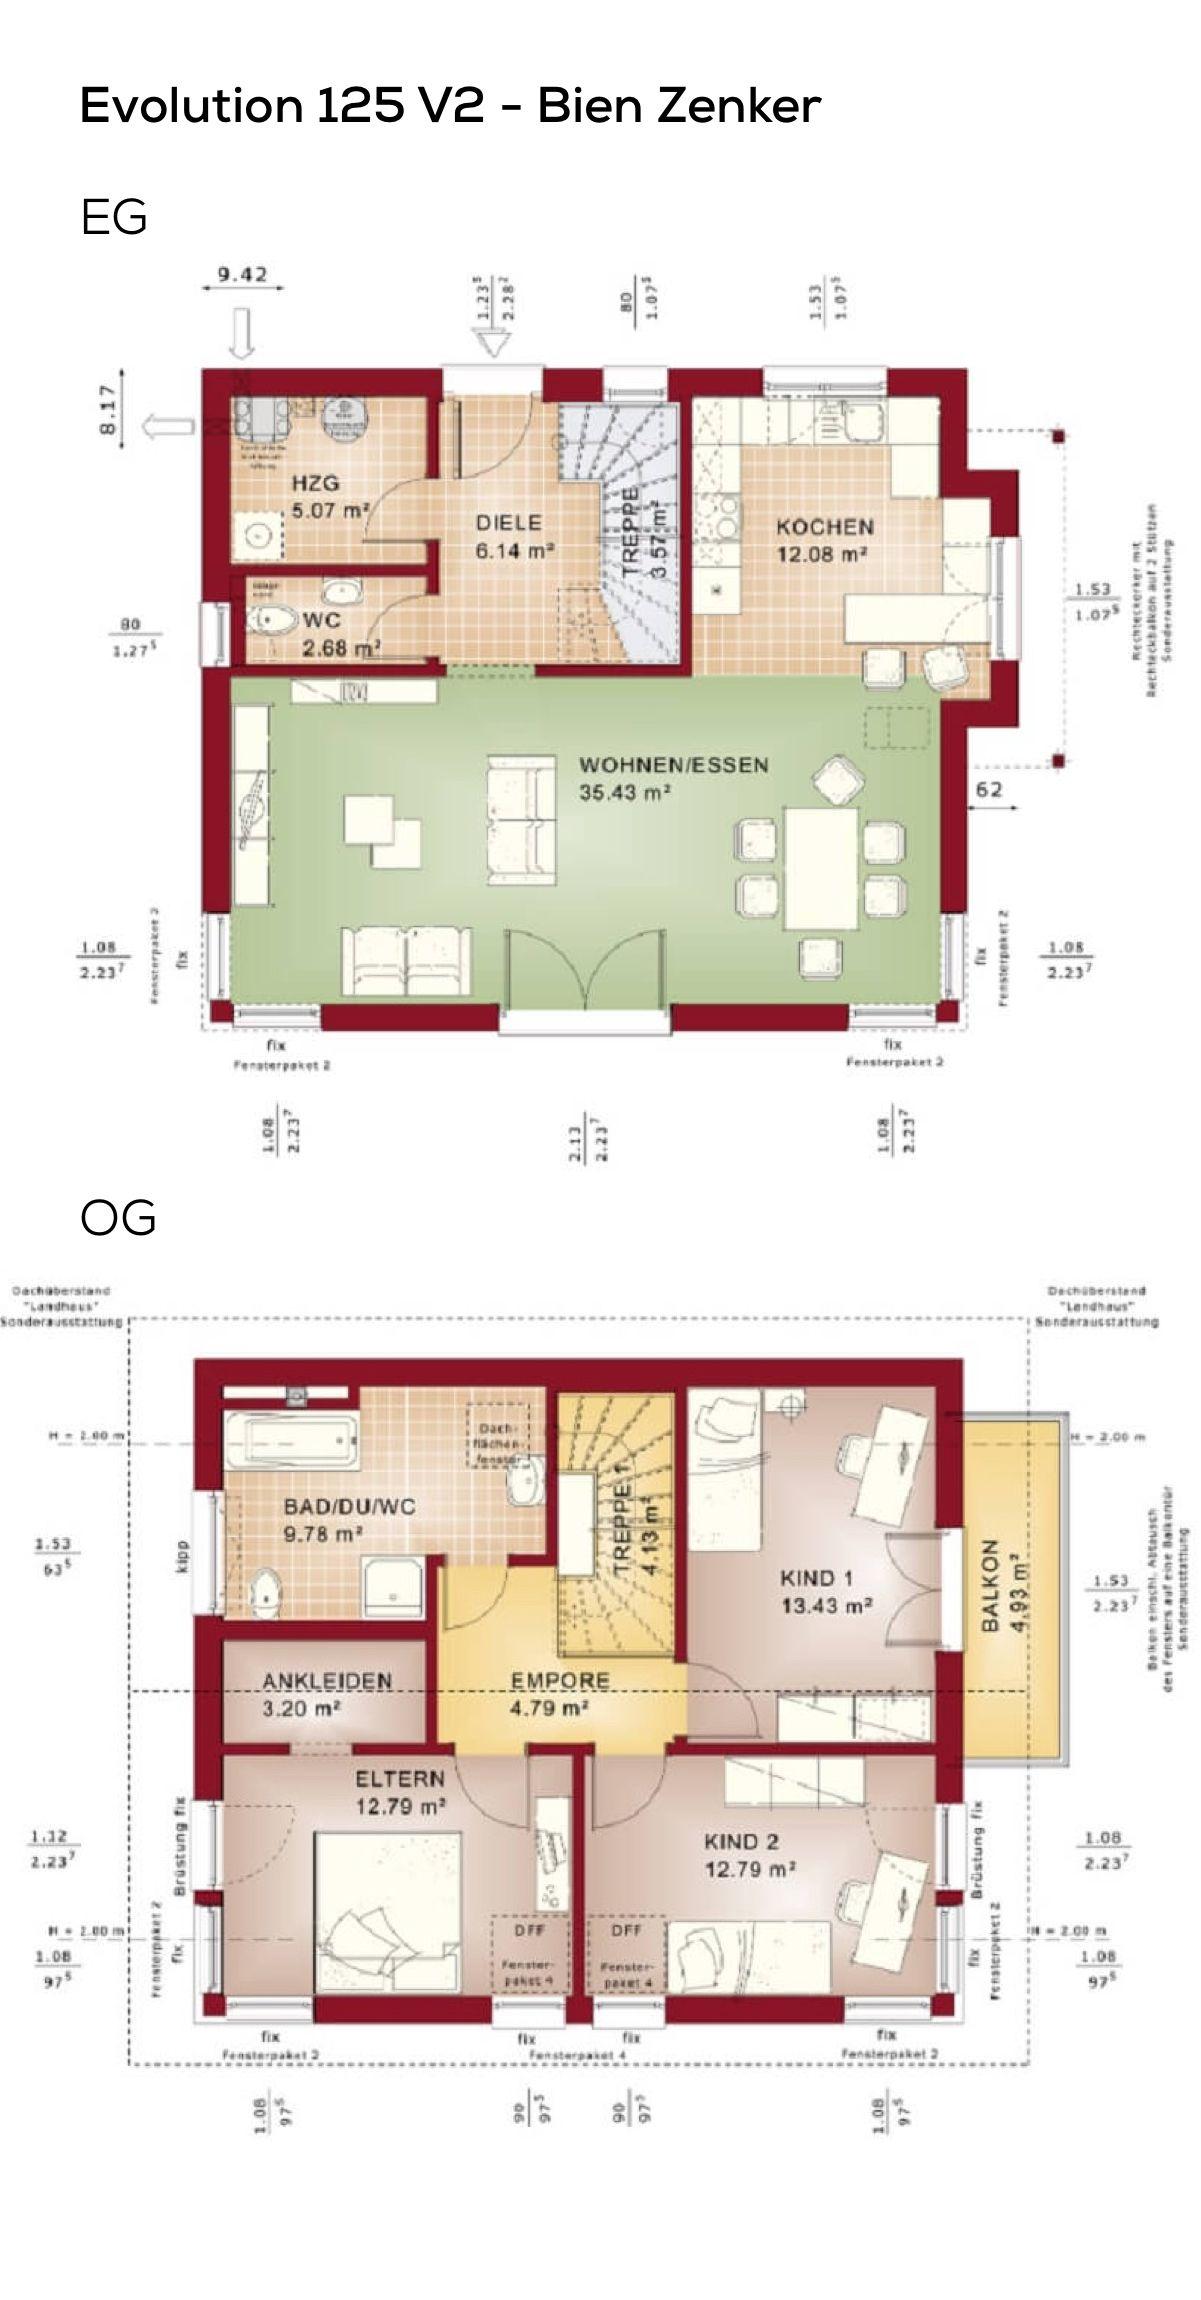 Grundriss Satteldach Haus modern - 4 Zimmer, 124 qm Wfl., ohne ...